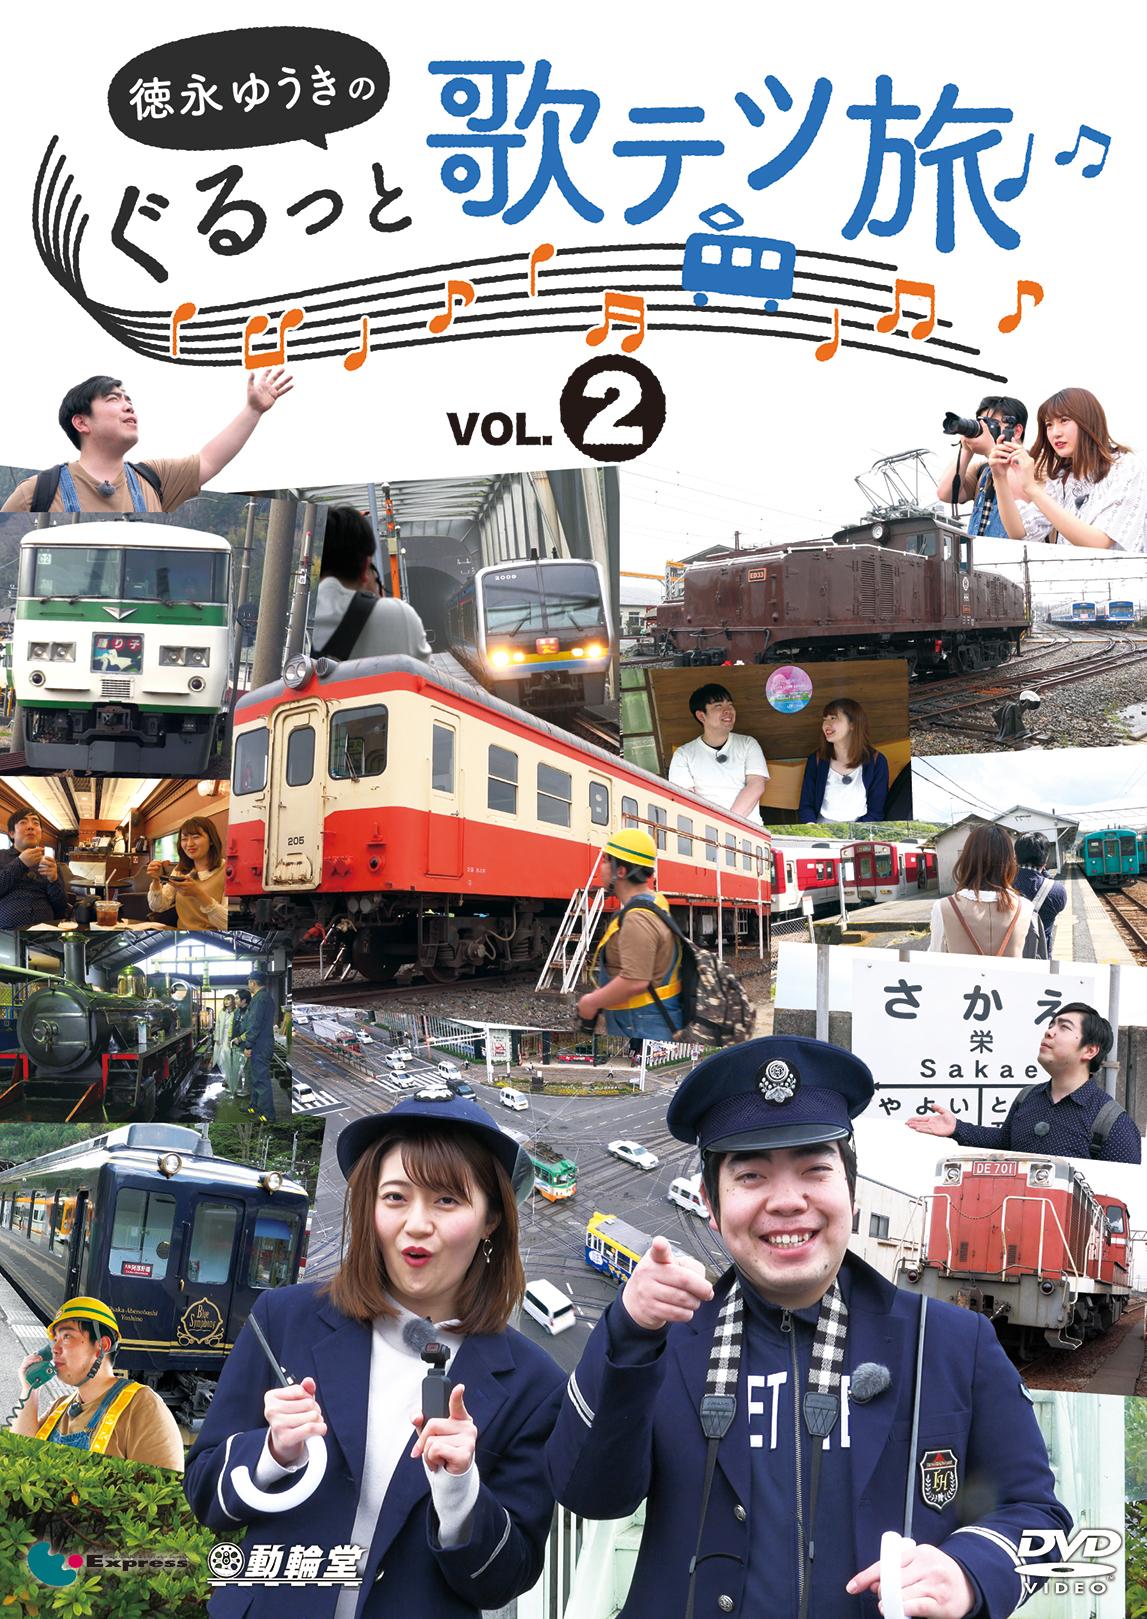 徳永ゆうきのぐるっと歌テツ旅 VOL.1【2020/11/21発売】/VOL.2【2021/2/21発売】